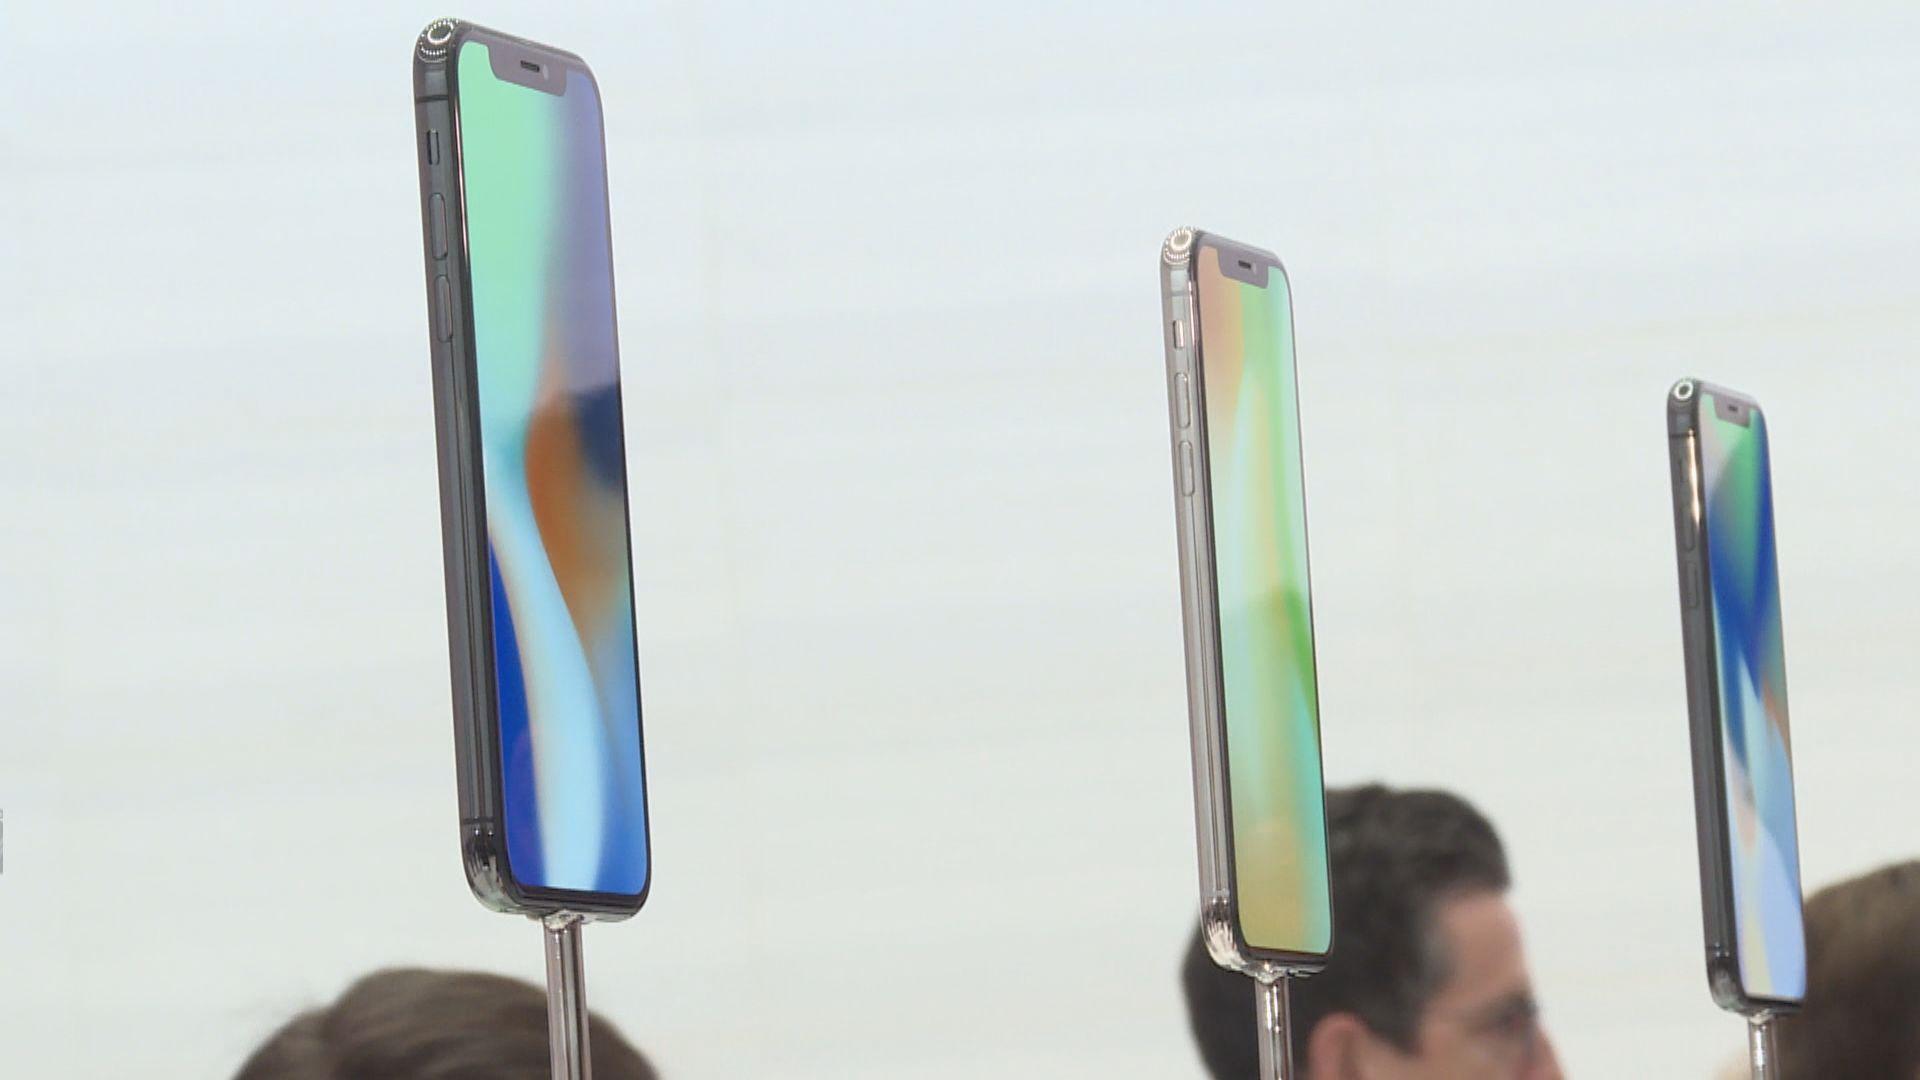 外界憂蘋果手機銷量將較預期弱